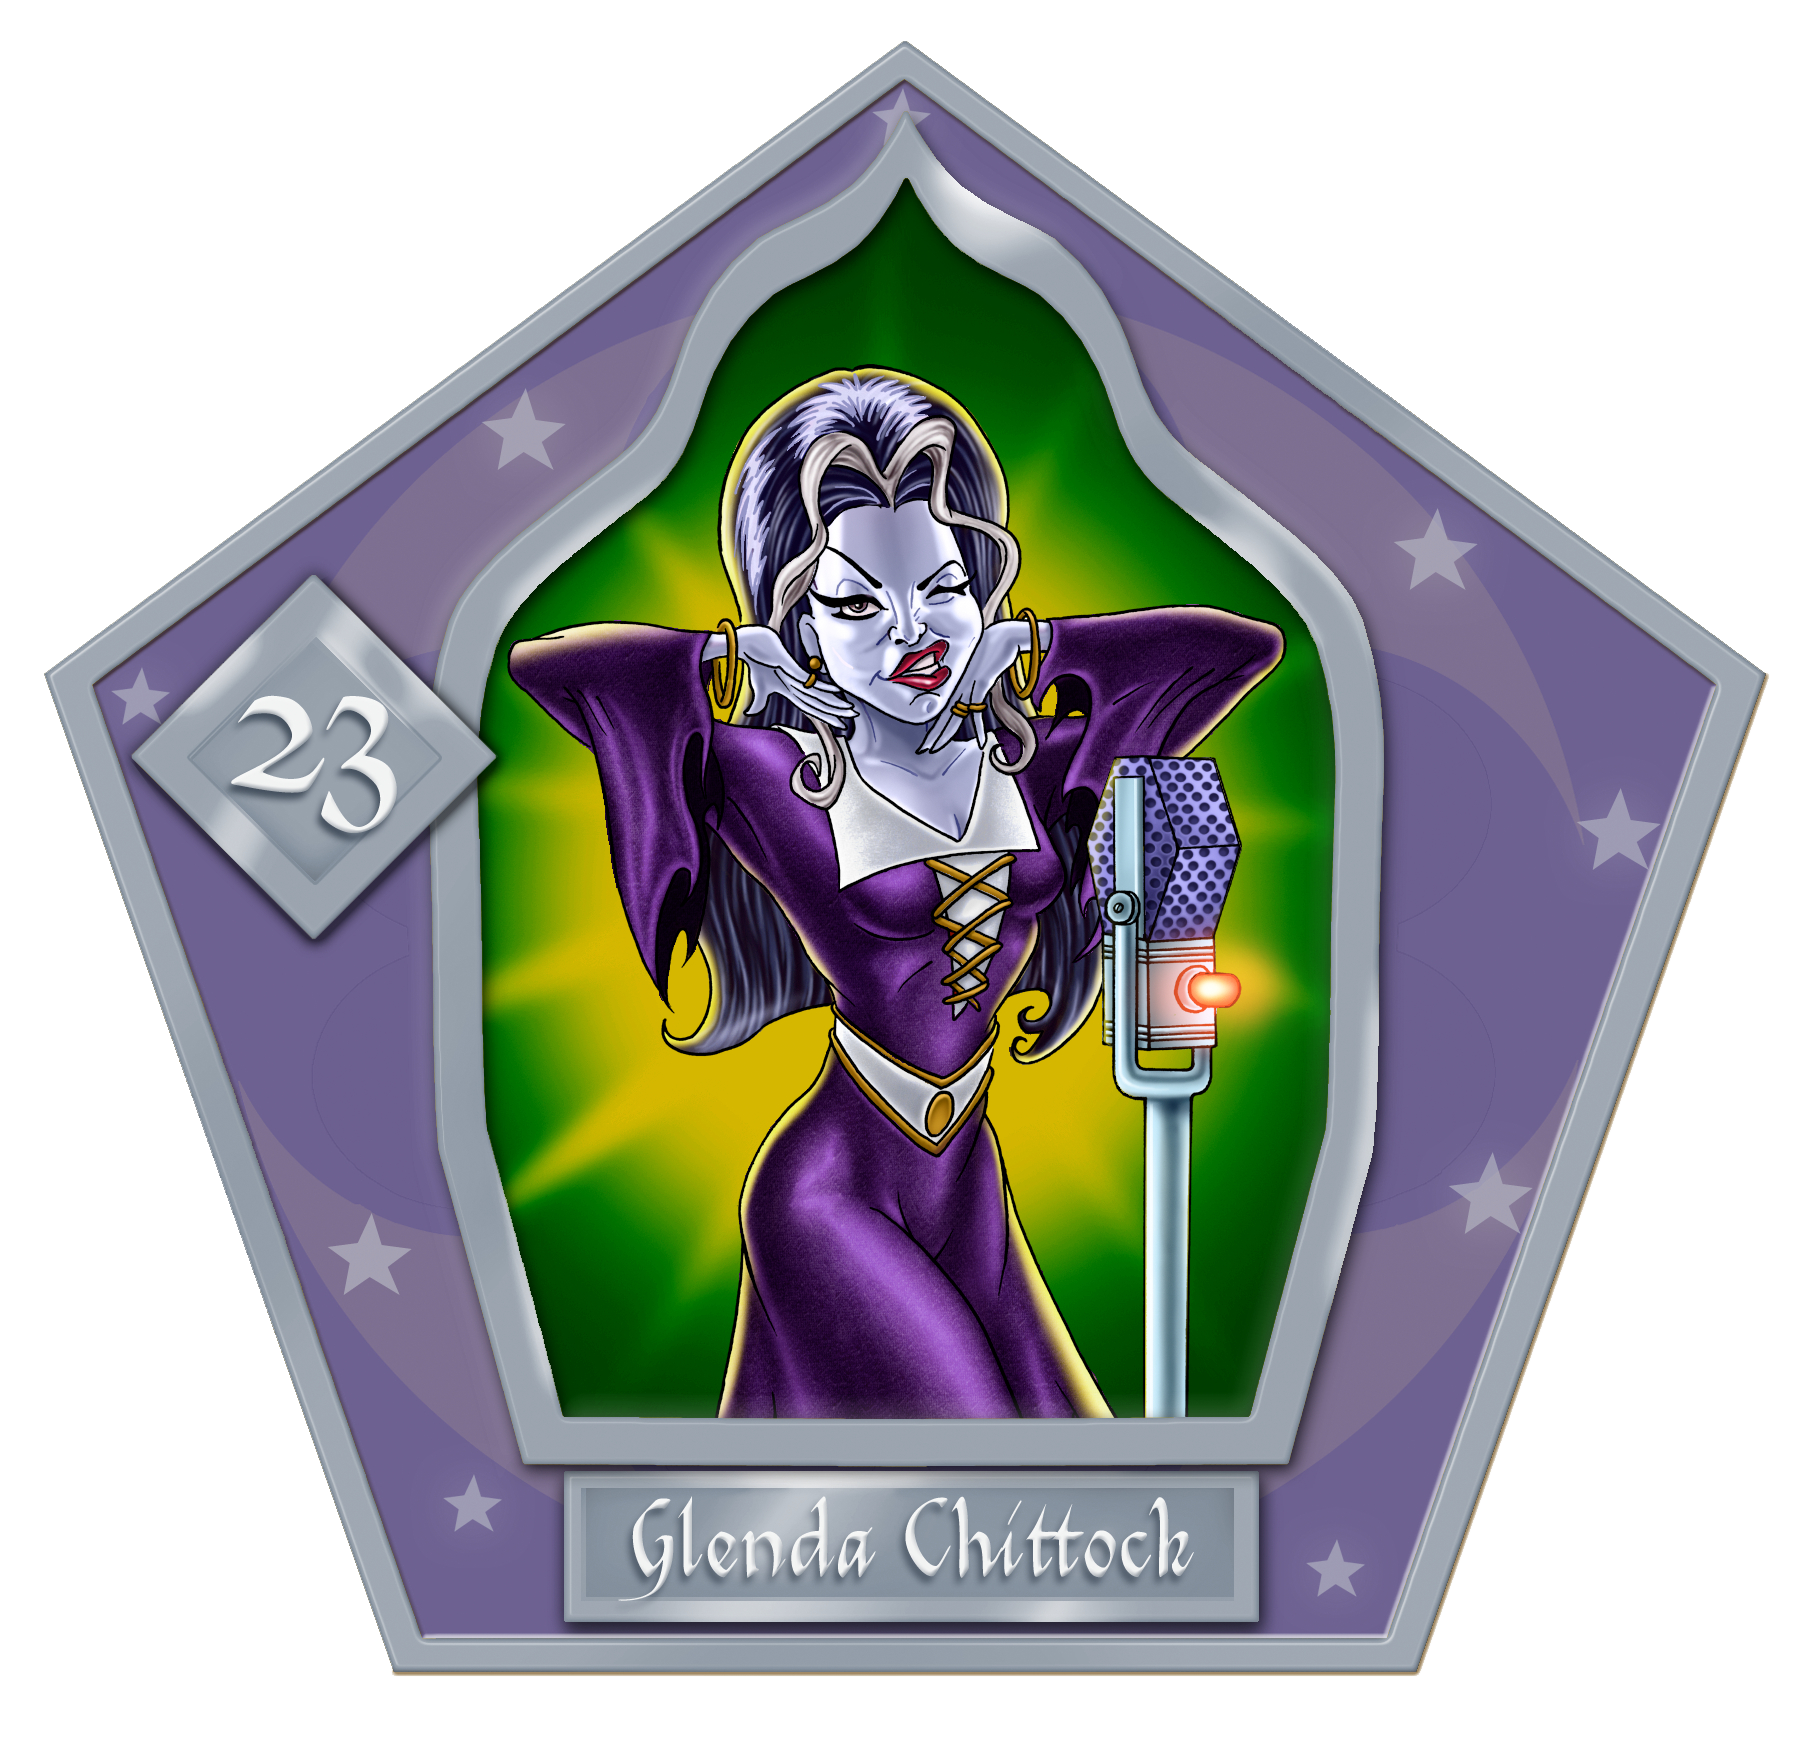 File:Glenda Chittock-23-chocFrogCard.png